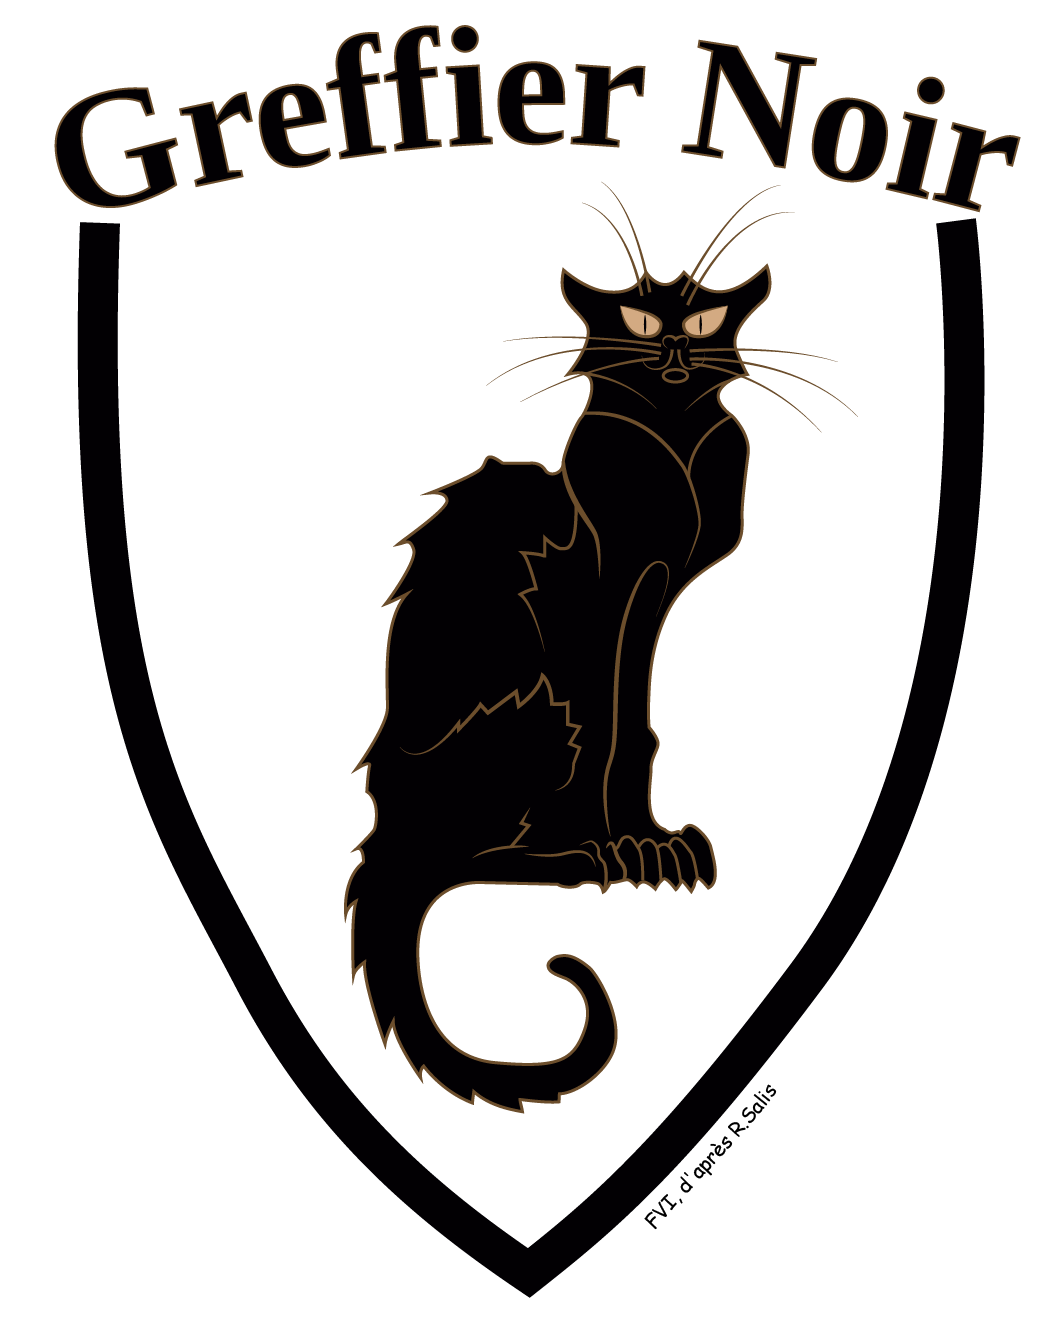 Le blason du site Le Greffier Noir, réalisé par FVI d'après Le Chat Noir de Salis